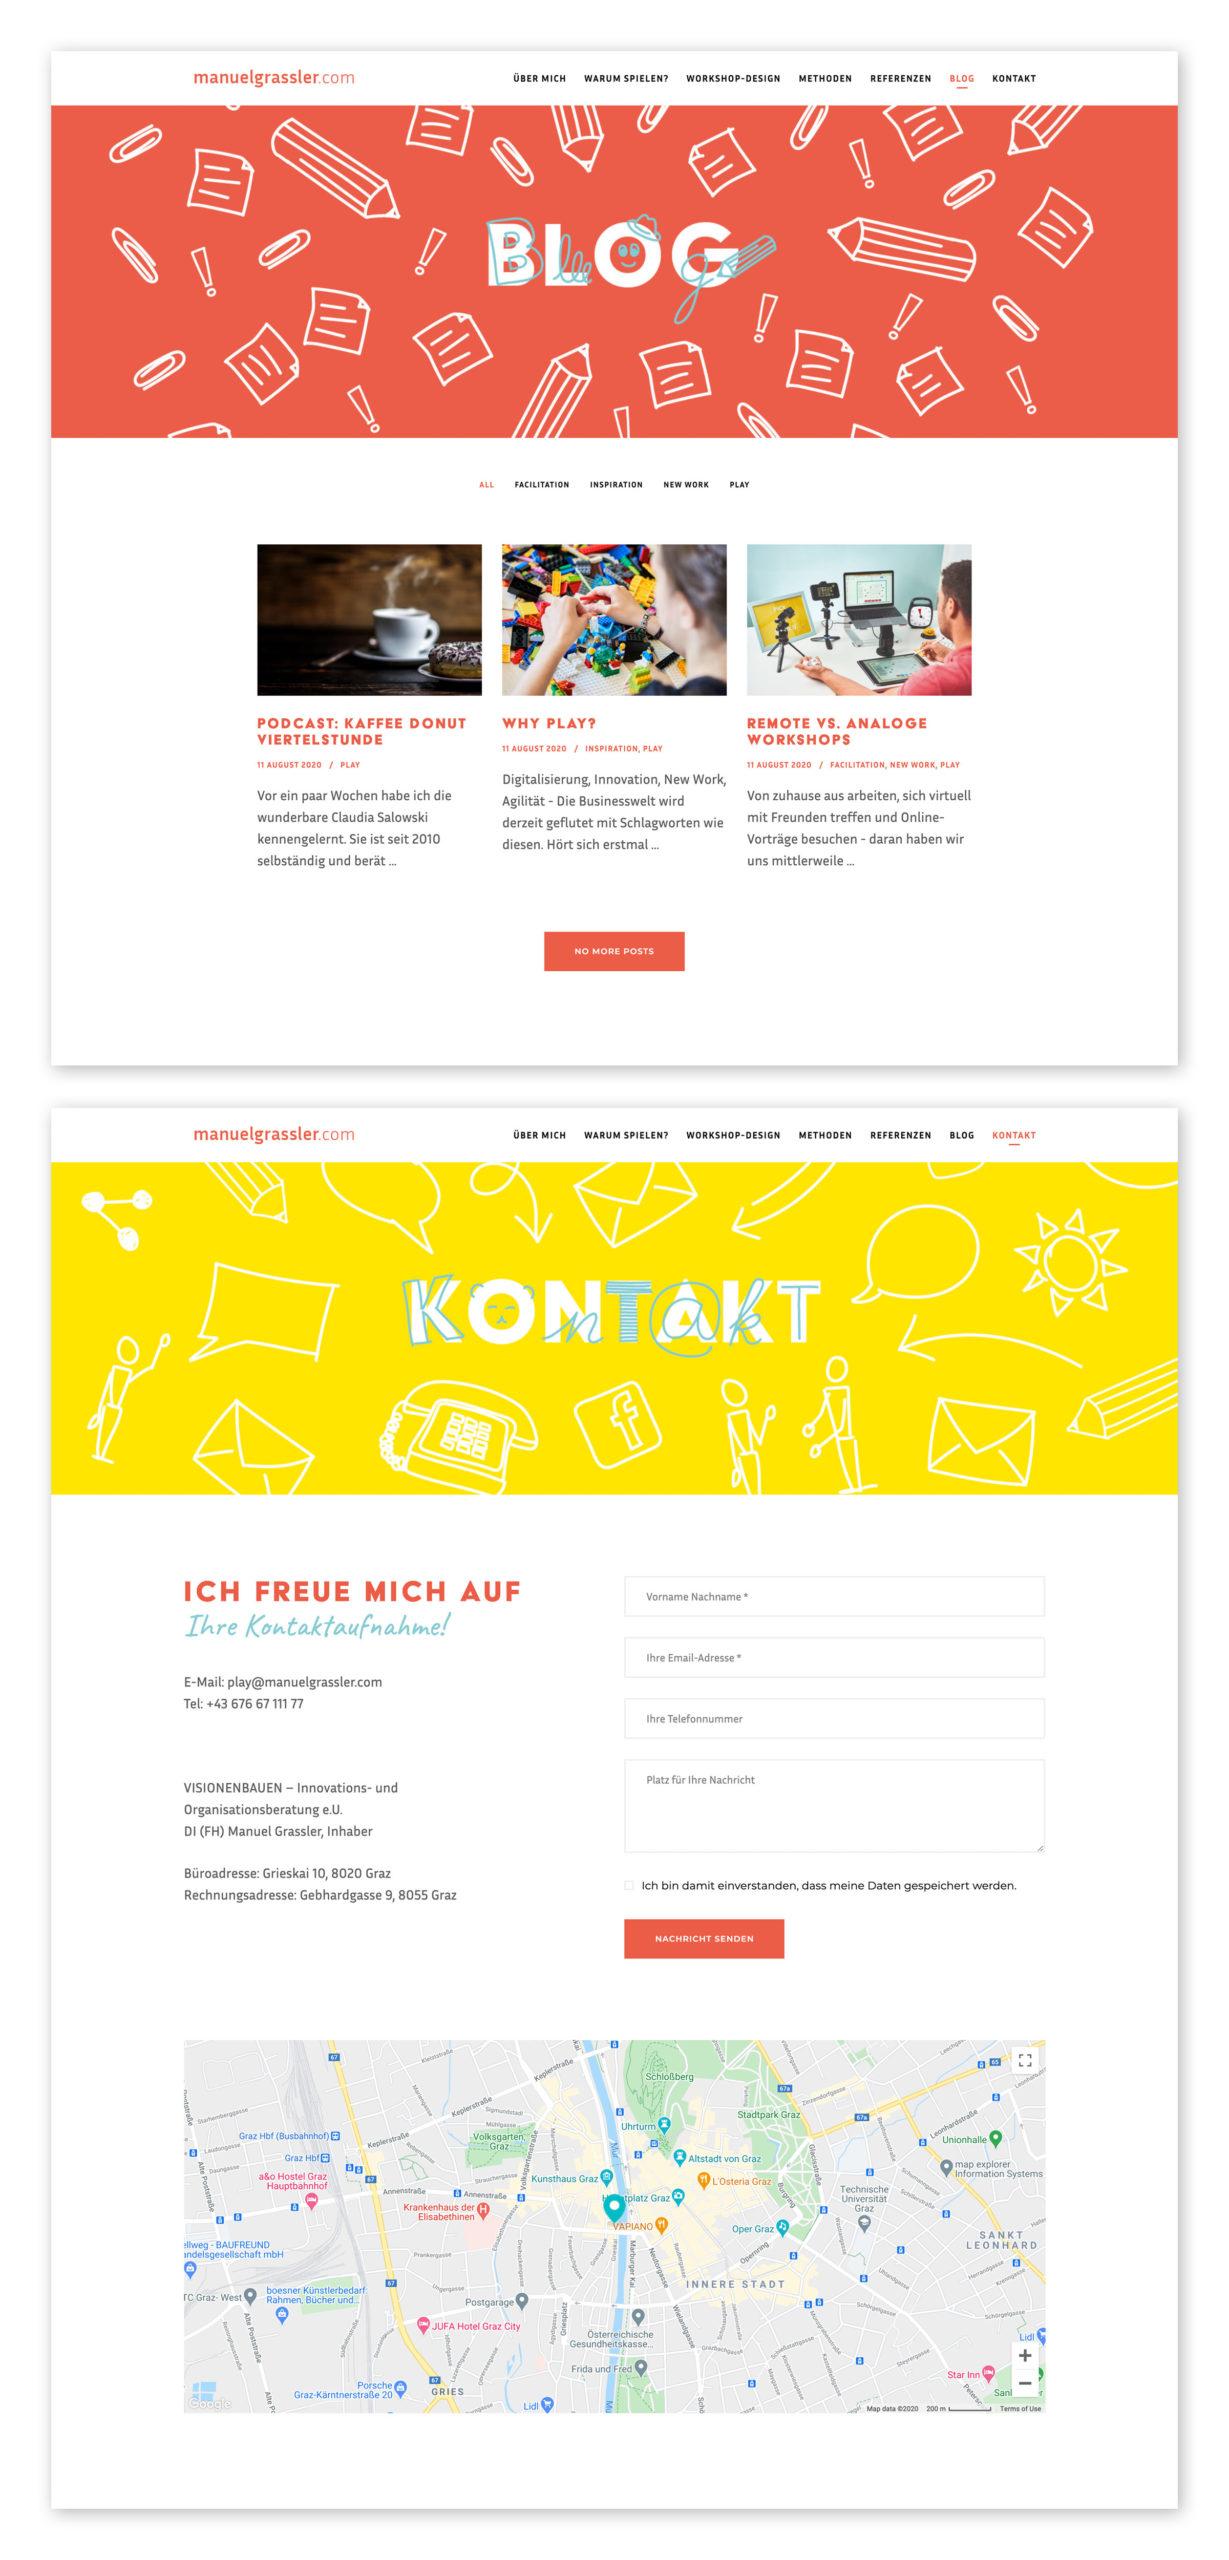 LOOK_Manuel_Grassler_web_Showcase_Blog-Kontakt